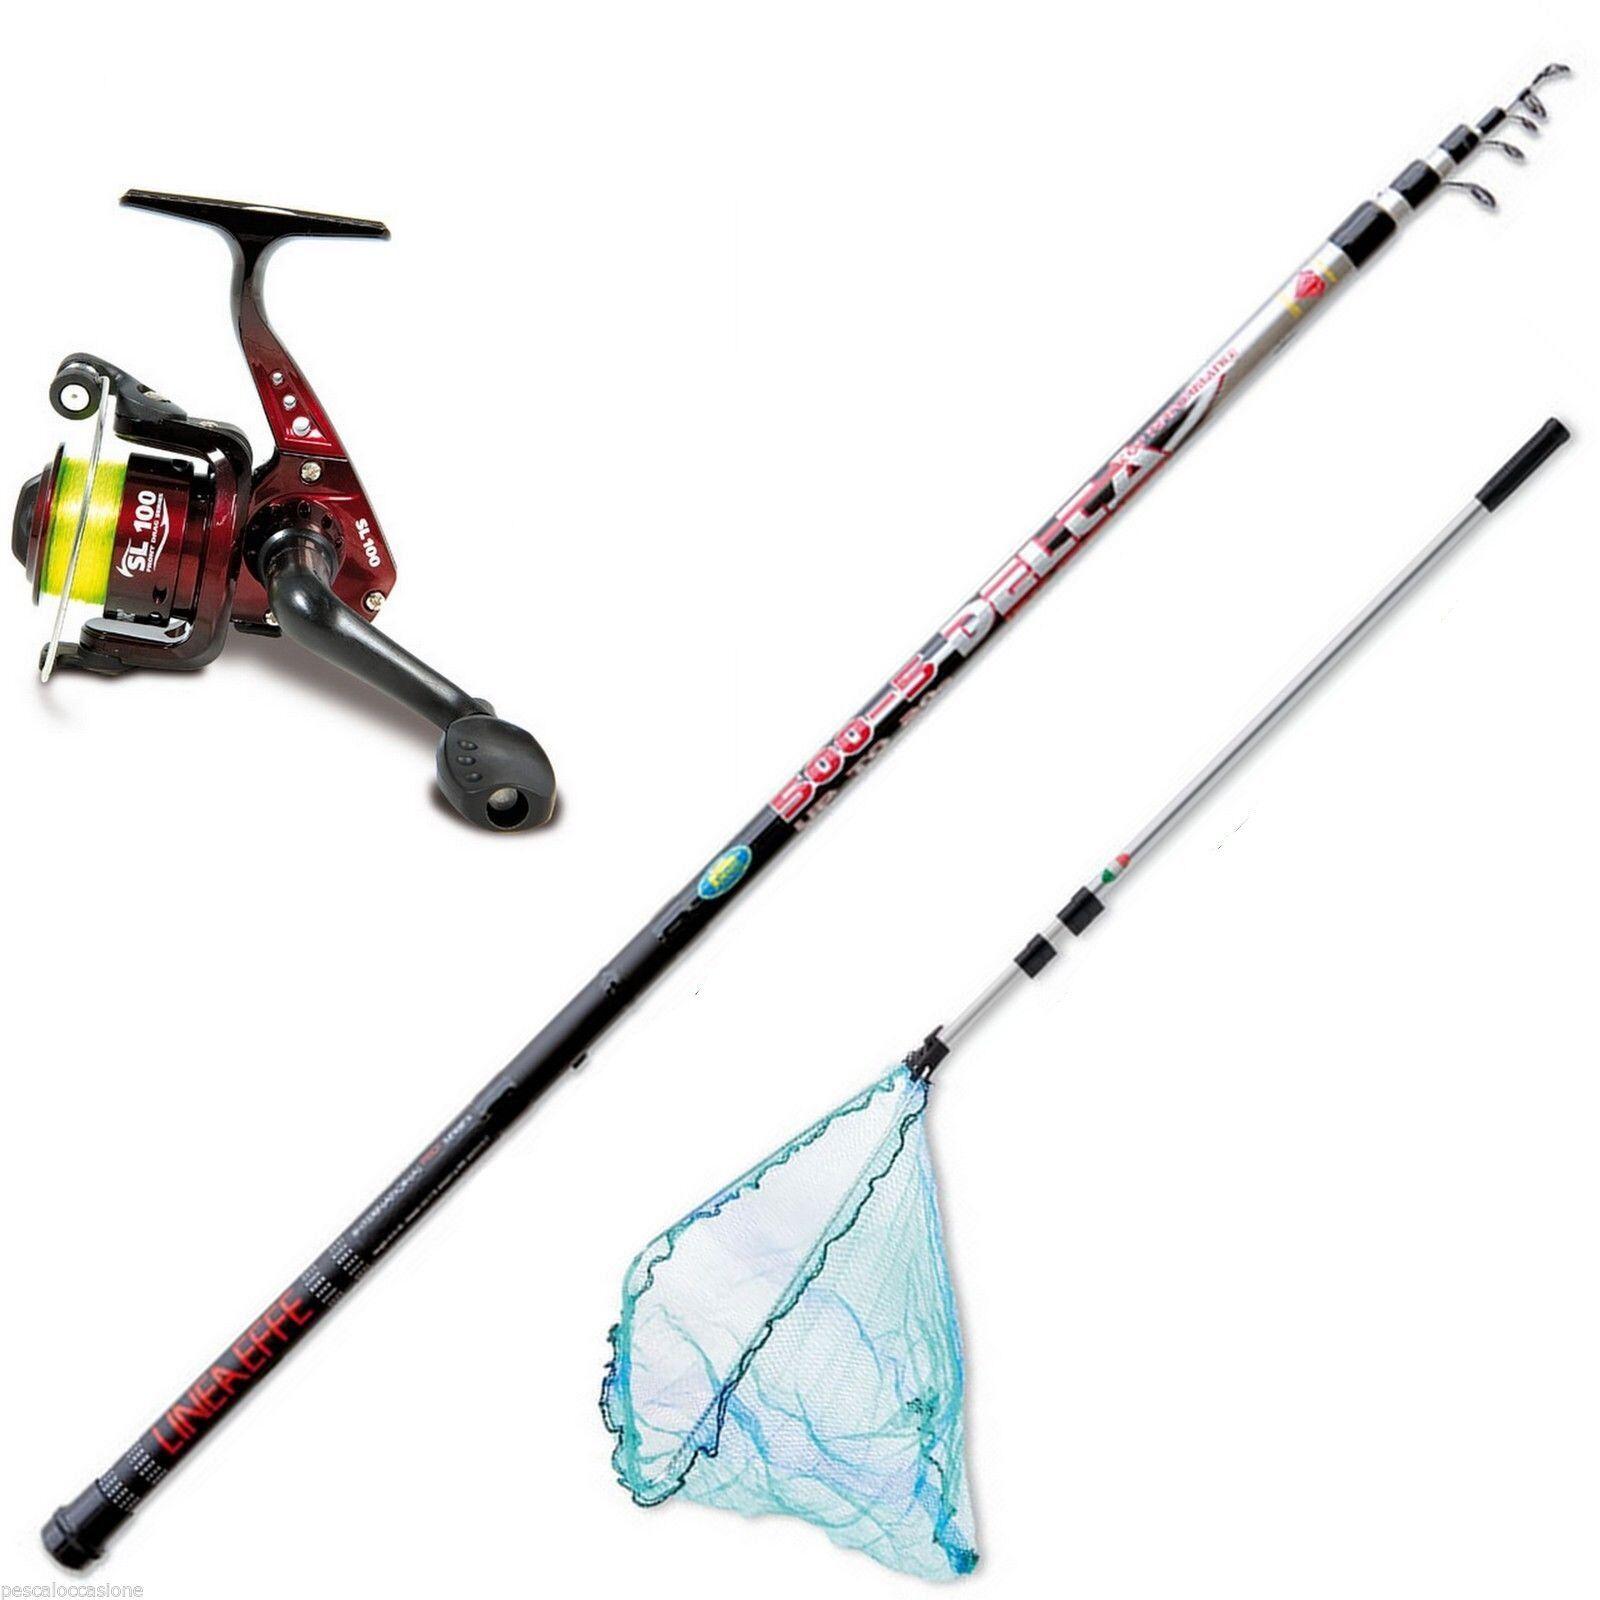 Canna bolognese mulinello lago filo e guadino kit pesca passata lago mulinello mare F1546 47d0b8